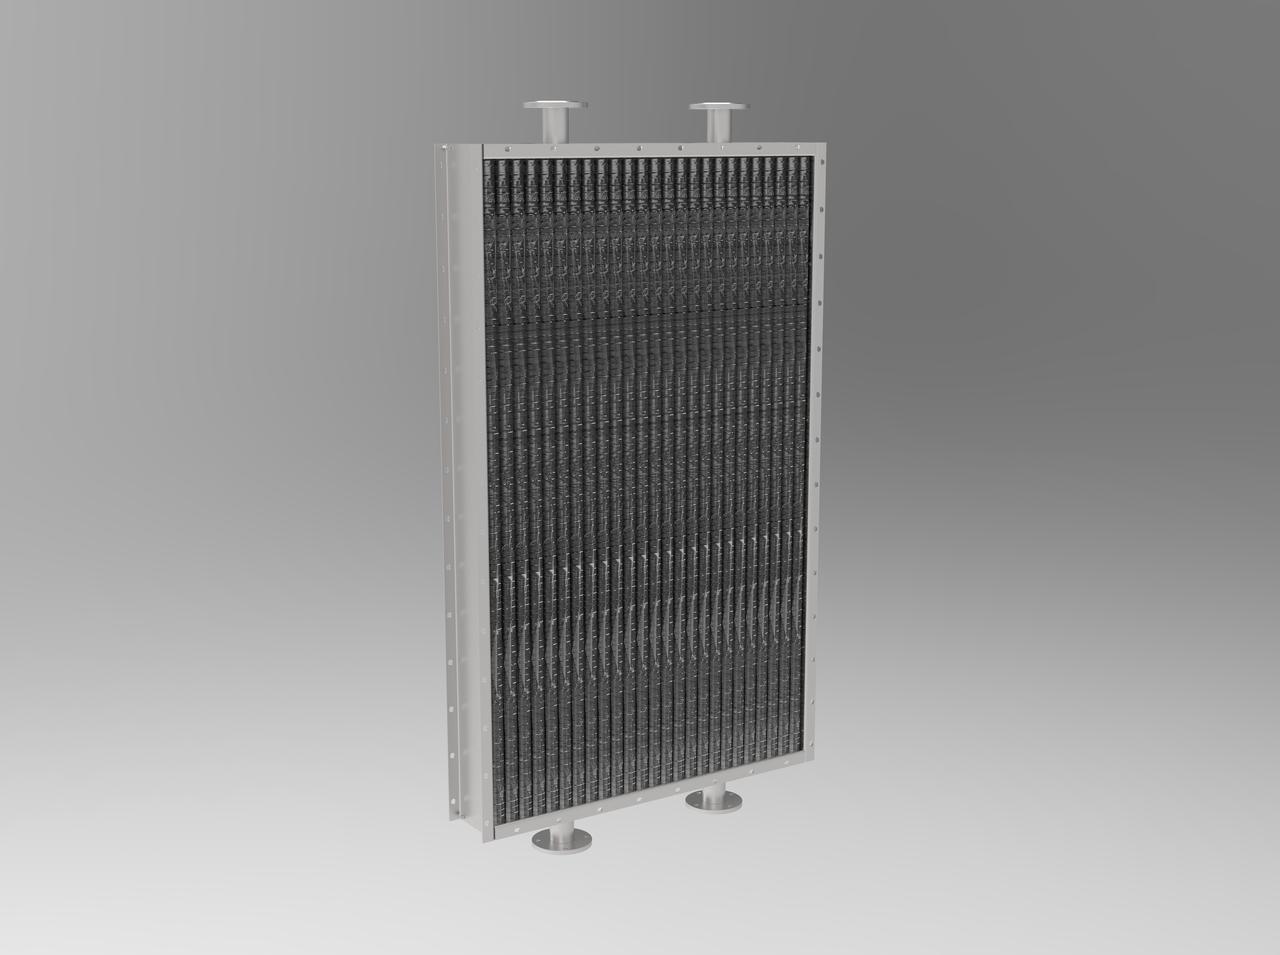 Особенности паровых калориферов КПСК для приточной вентиляции